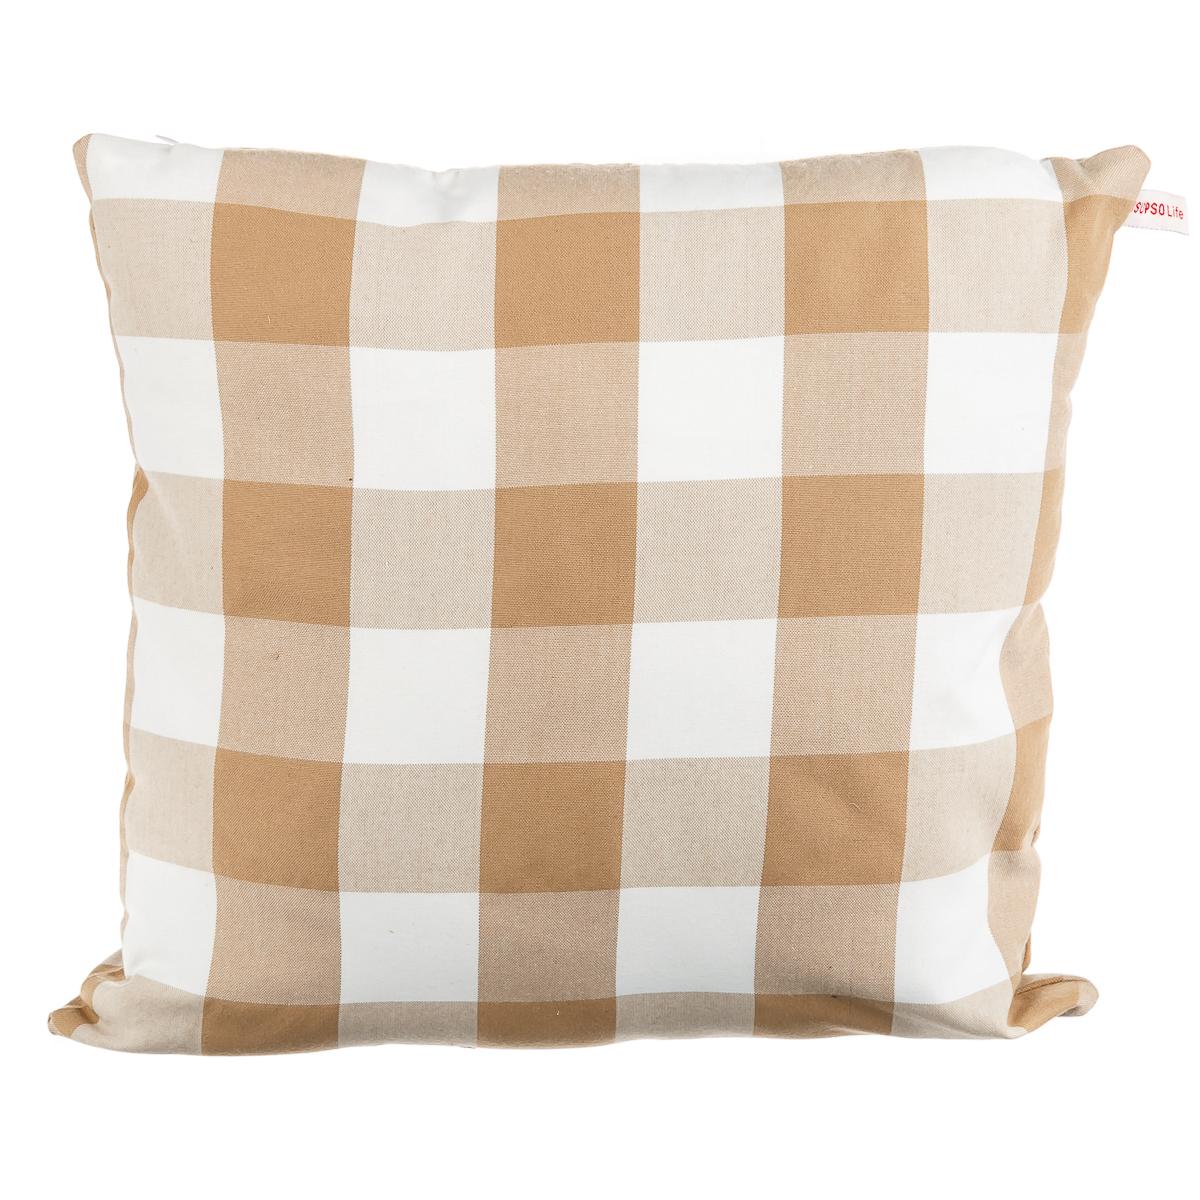 Подушка диванная голубая в крупный белый горох